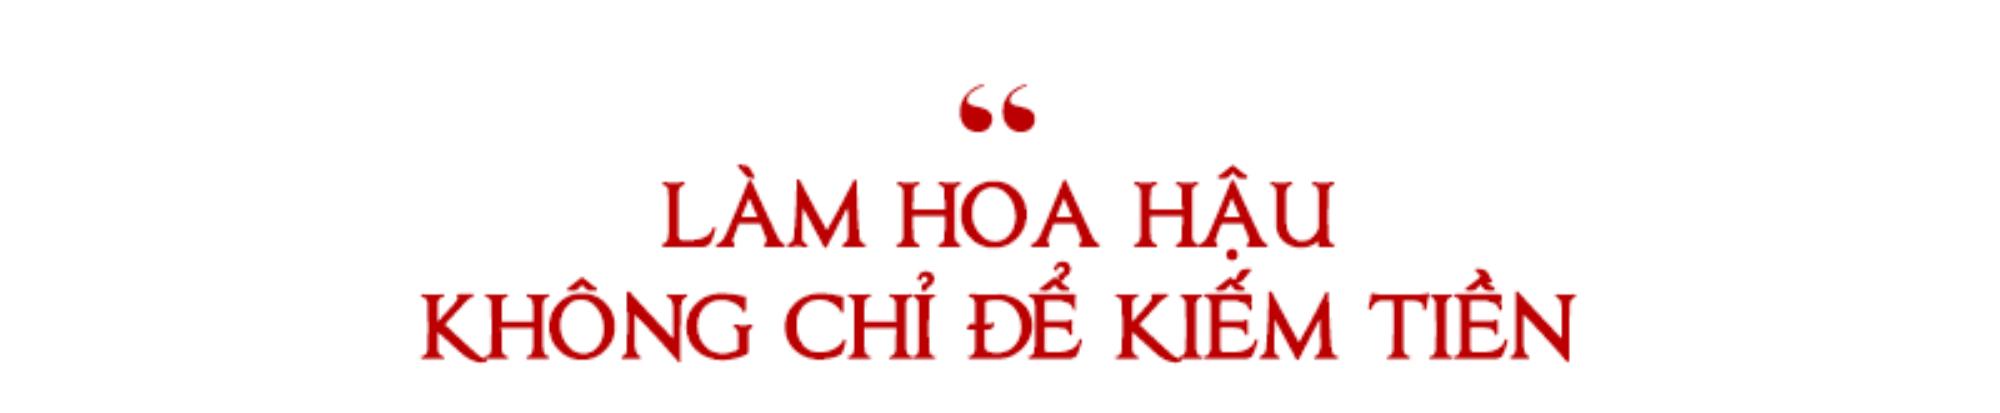 Hoa hậu Việt Nam Đỗ Thị Hà: 'Nếu có một điều ước, tôi chỉ mong bố ngủ ngon và bớt lo lắng cho tôi' Ảnh 12